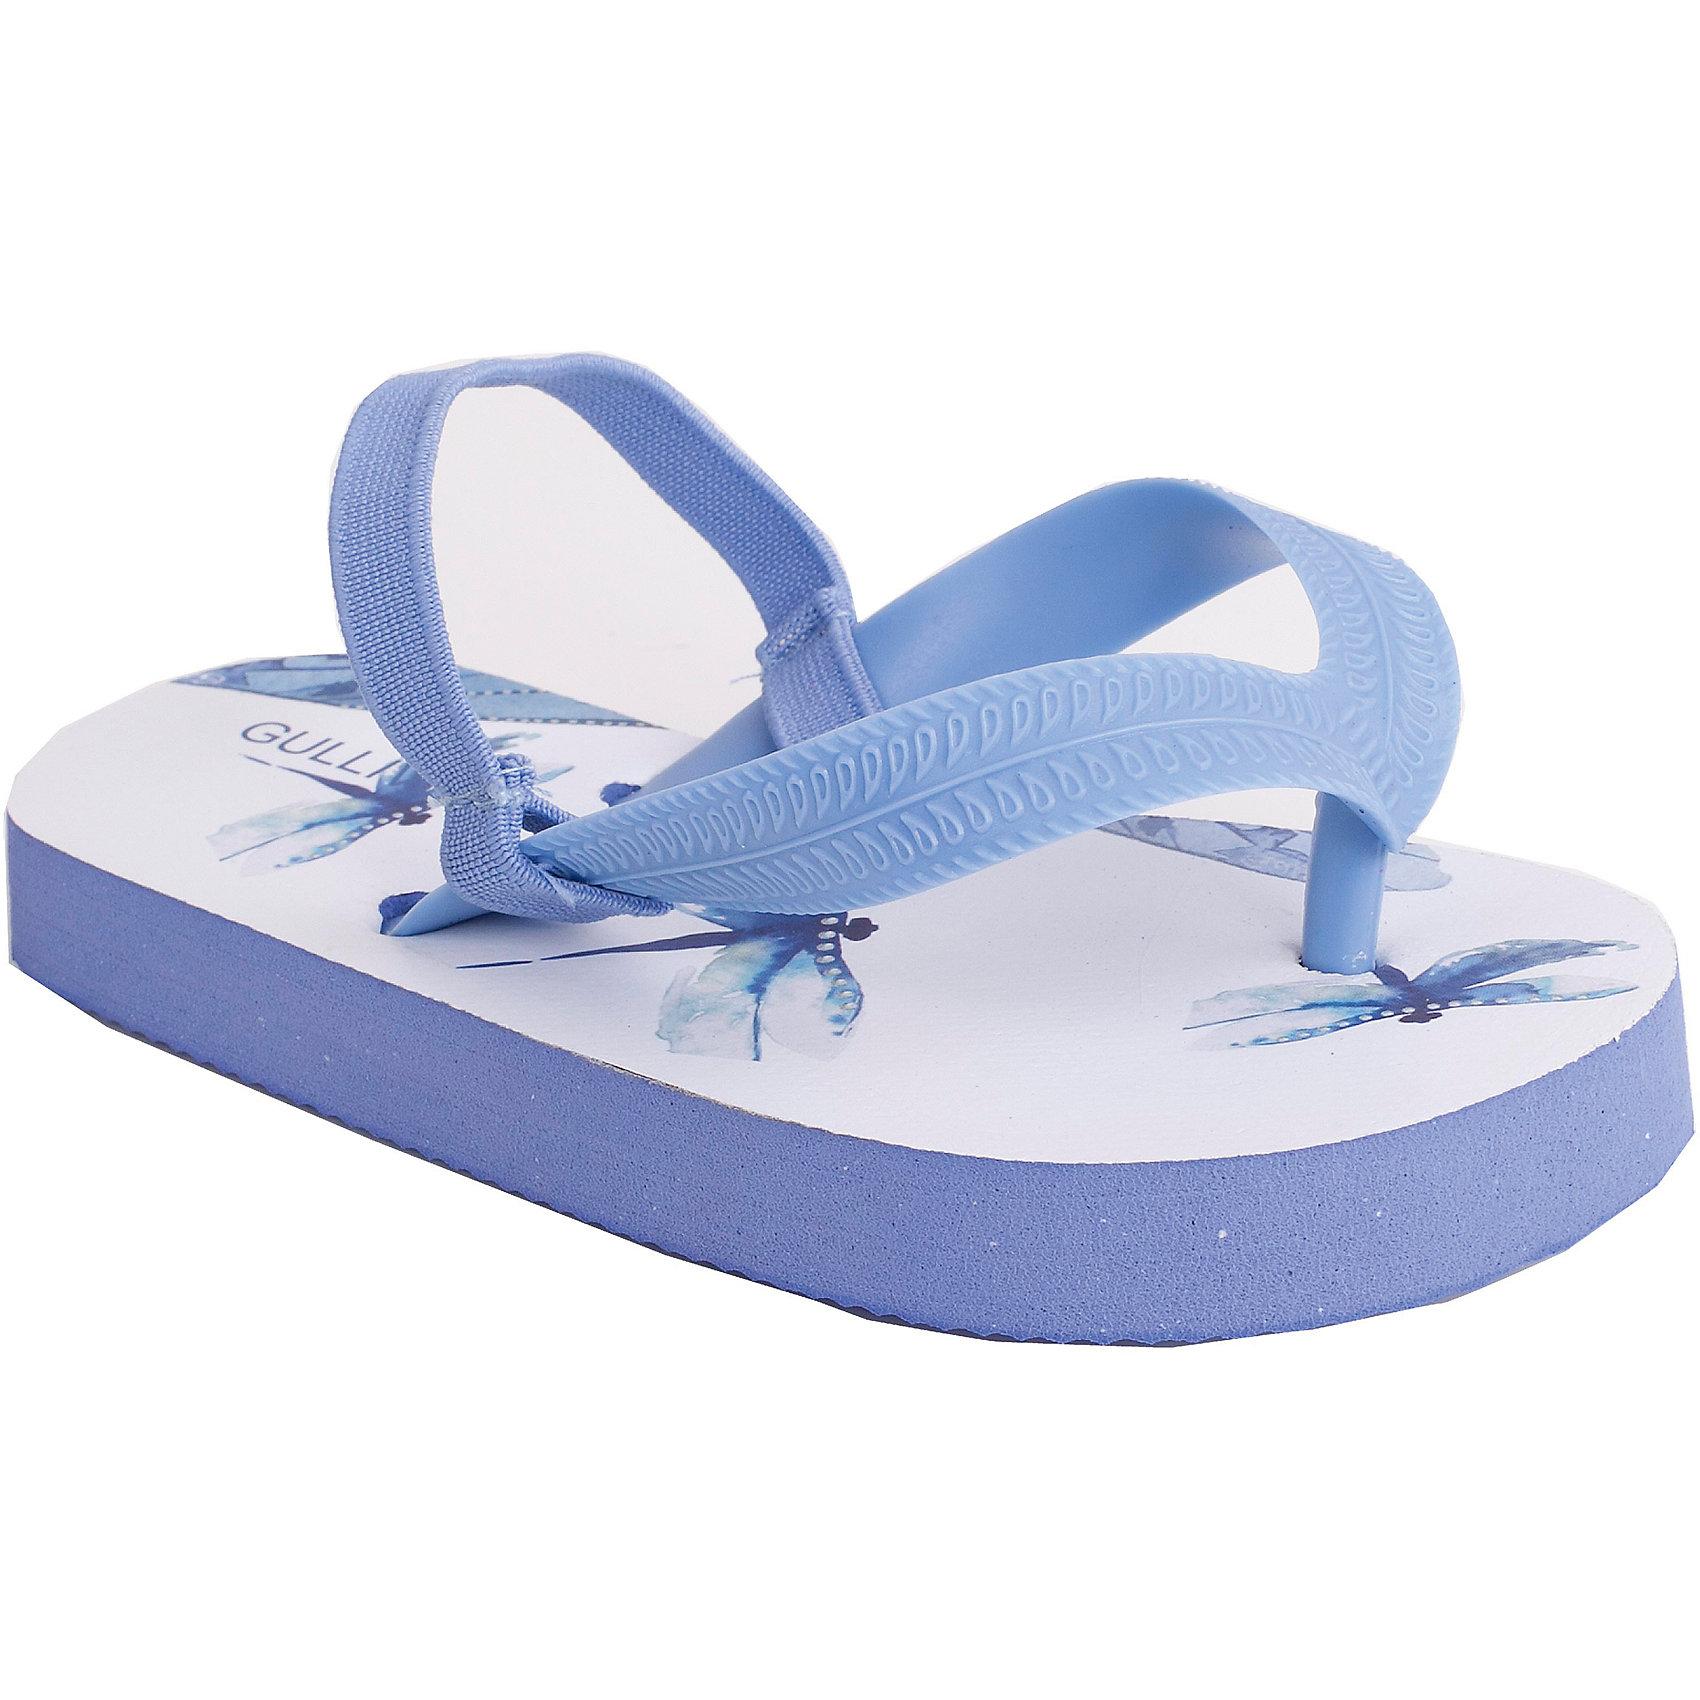 Gulliver Обувь пляжная для девочки Gulliver пляжная обувь mursu пляжная обувь